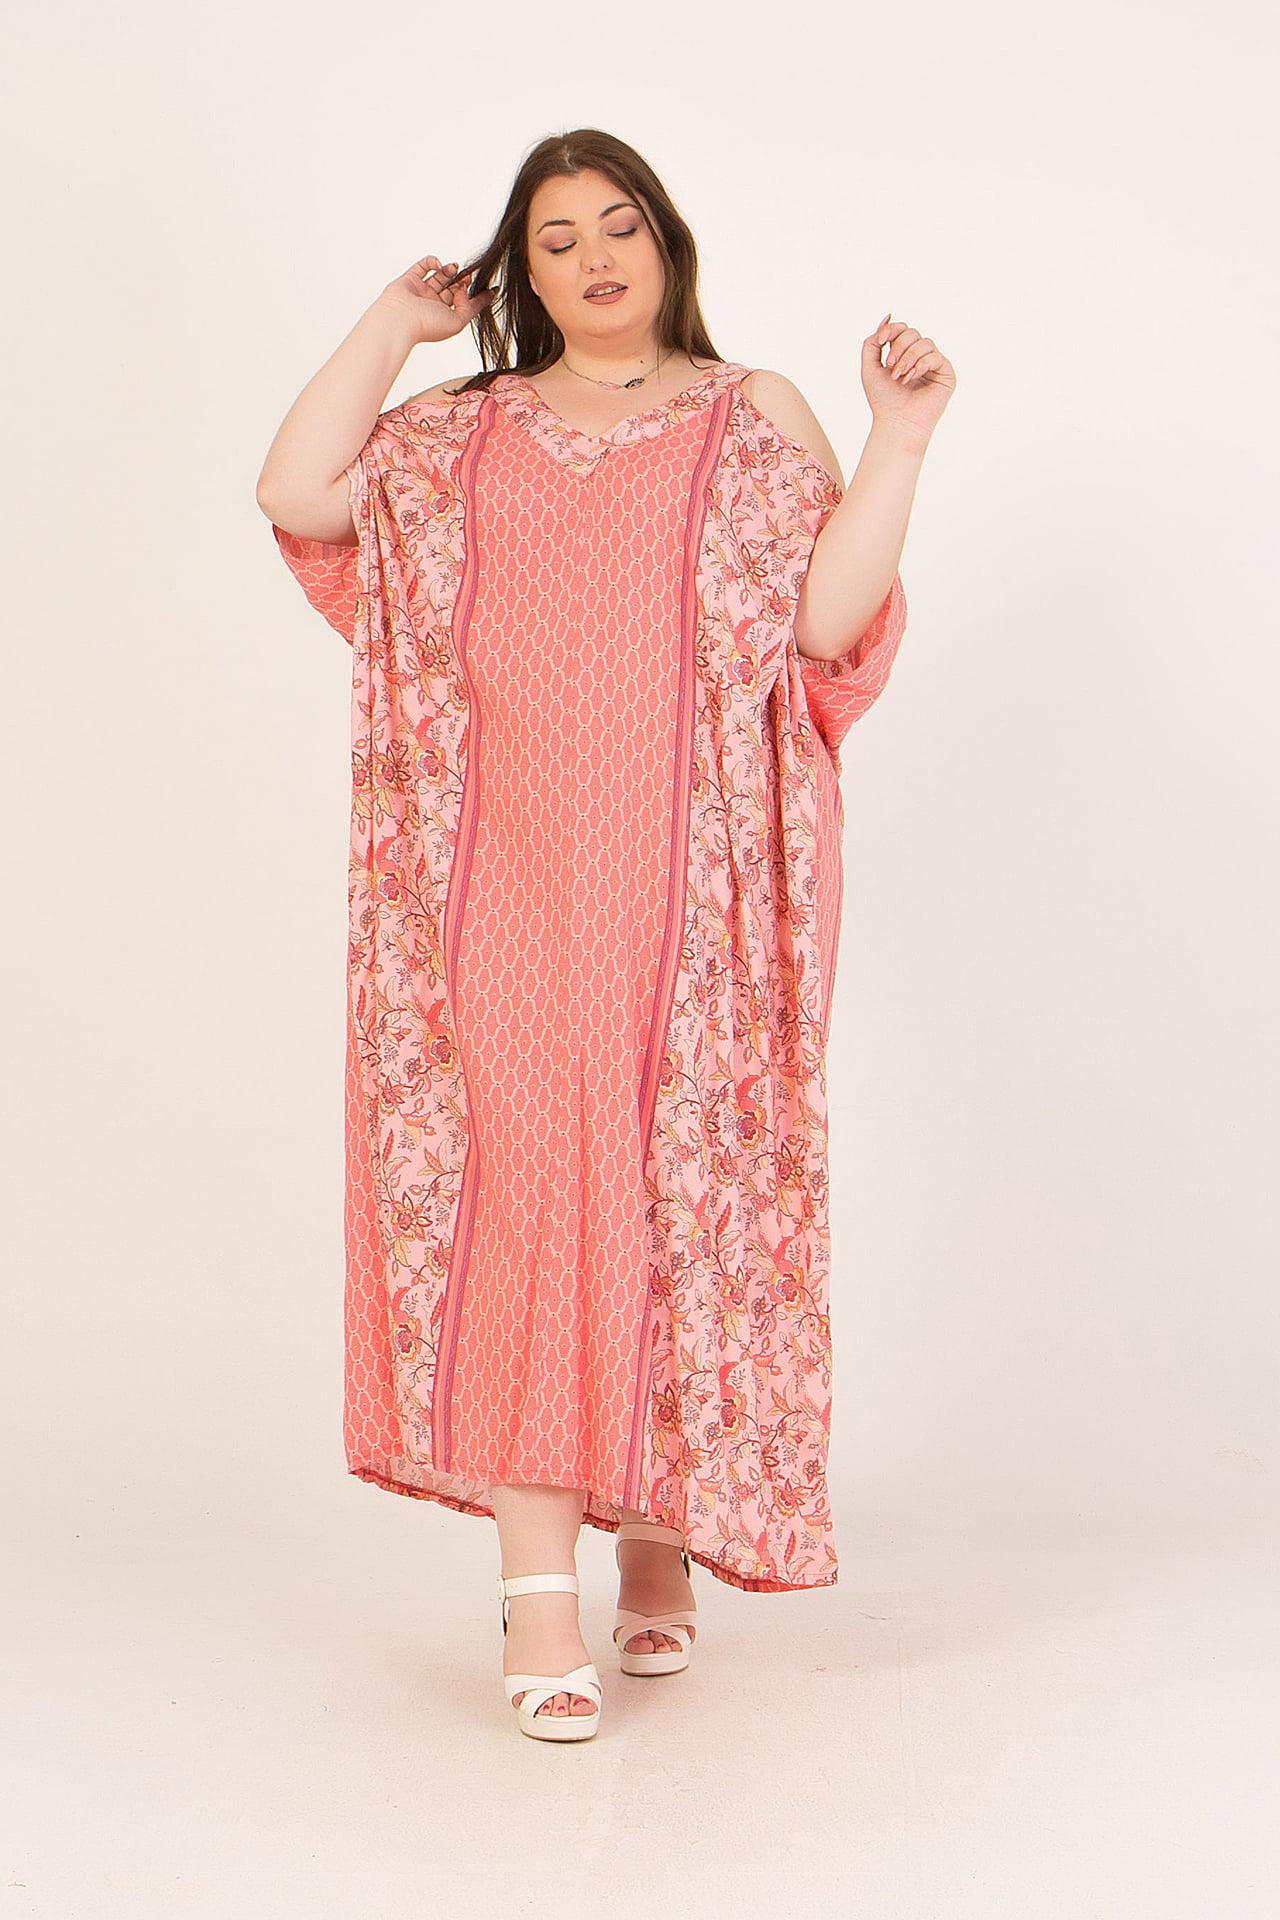 Φόρεμα maxi εμπριμέ με μανίκια νυχτερίδα 2160.92135-1